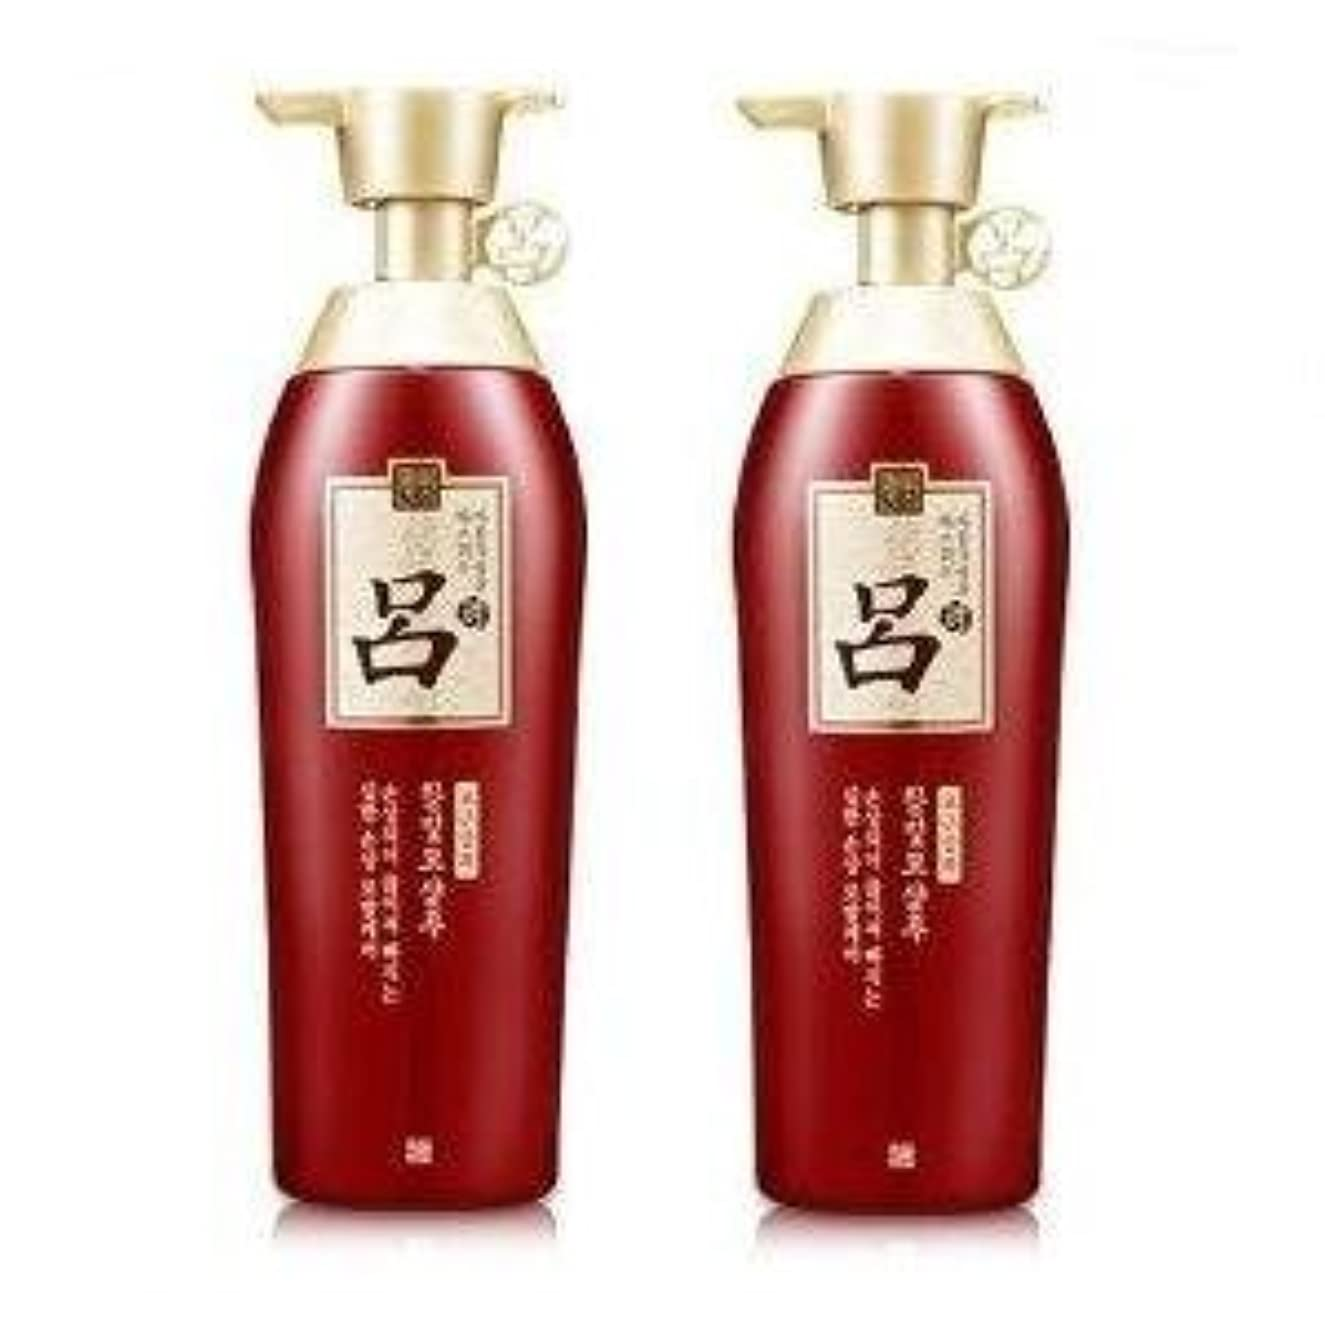 呂(リョ) [黒生潤気] 含光毛(ハンビッモ) 赤 シャンプー 2本[海外直送品]